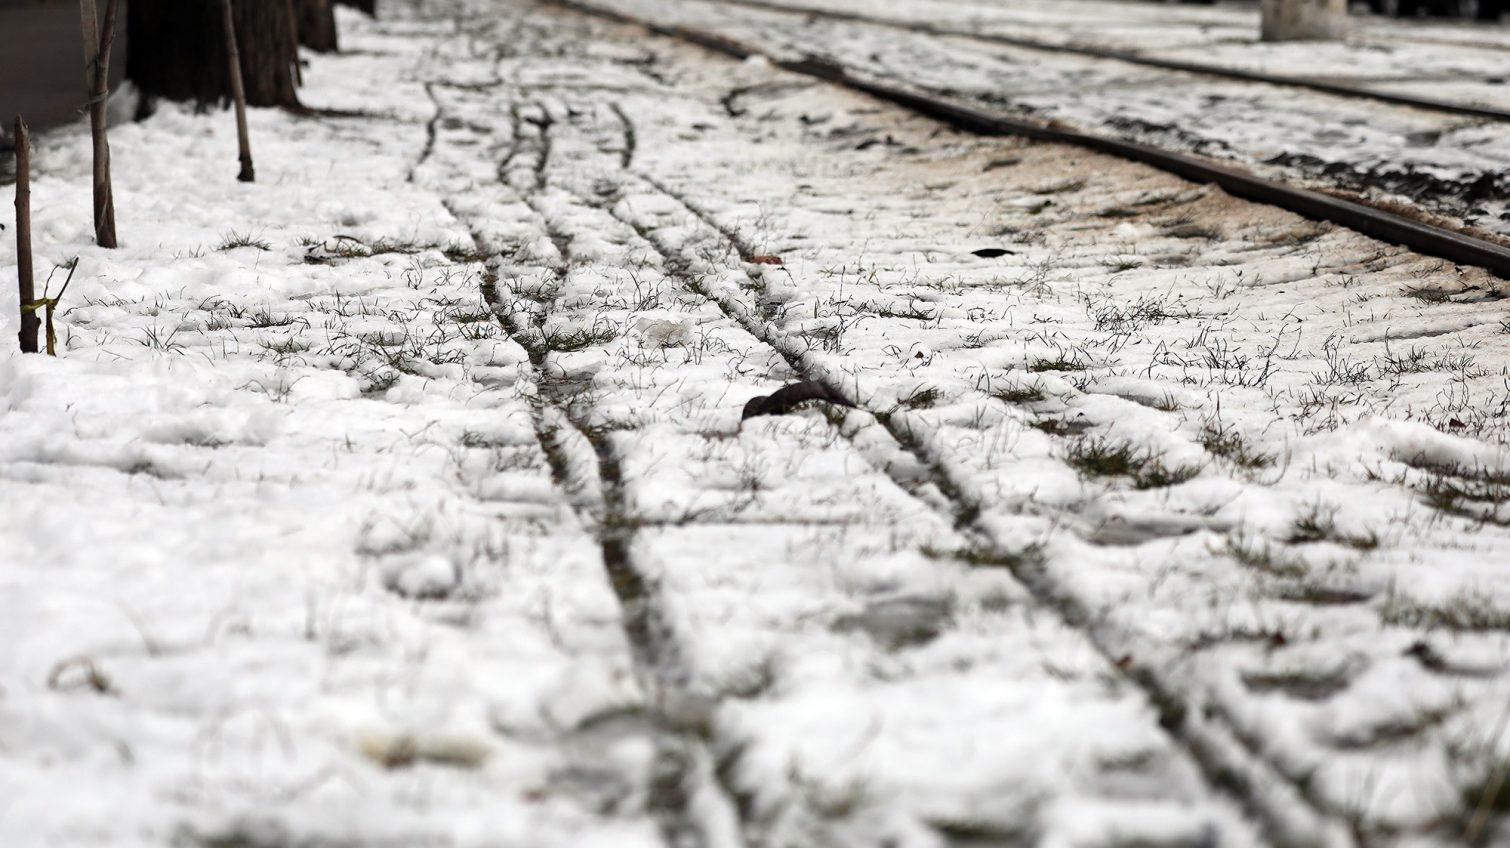 Одесситов предупреждают об ухудшении погоды: ожидается гололед и мороз «фото»